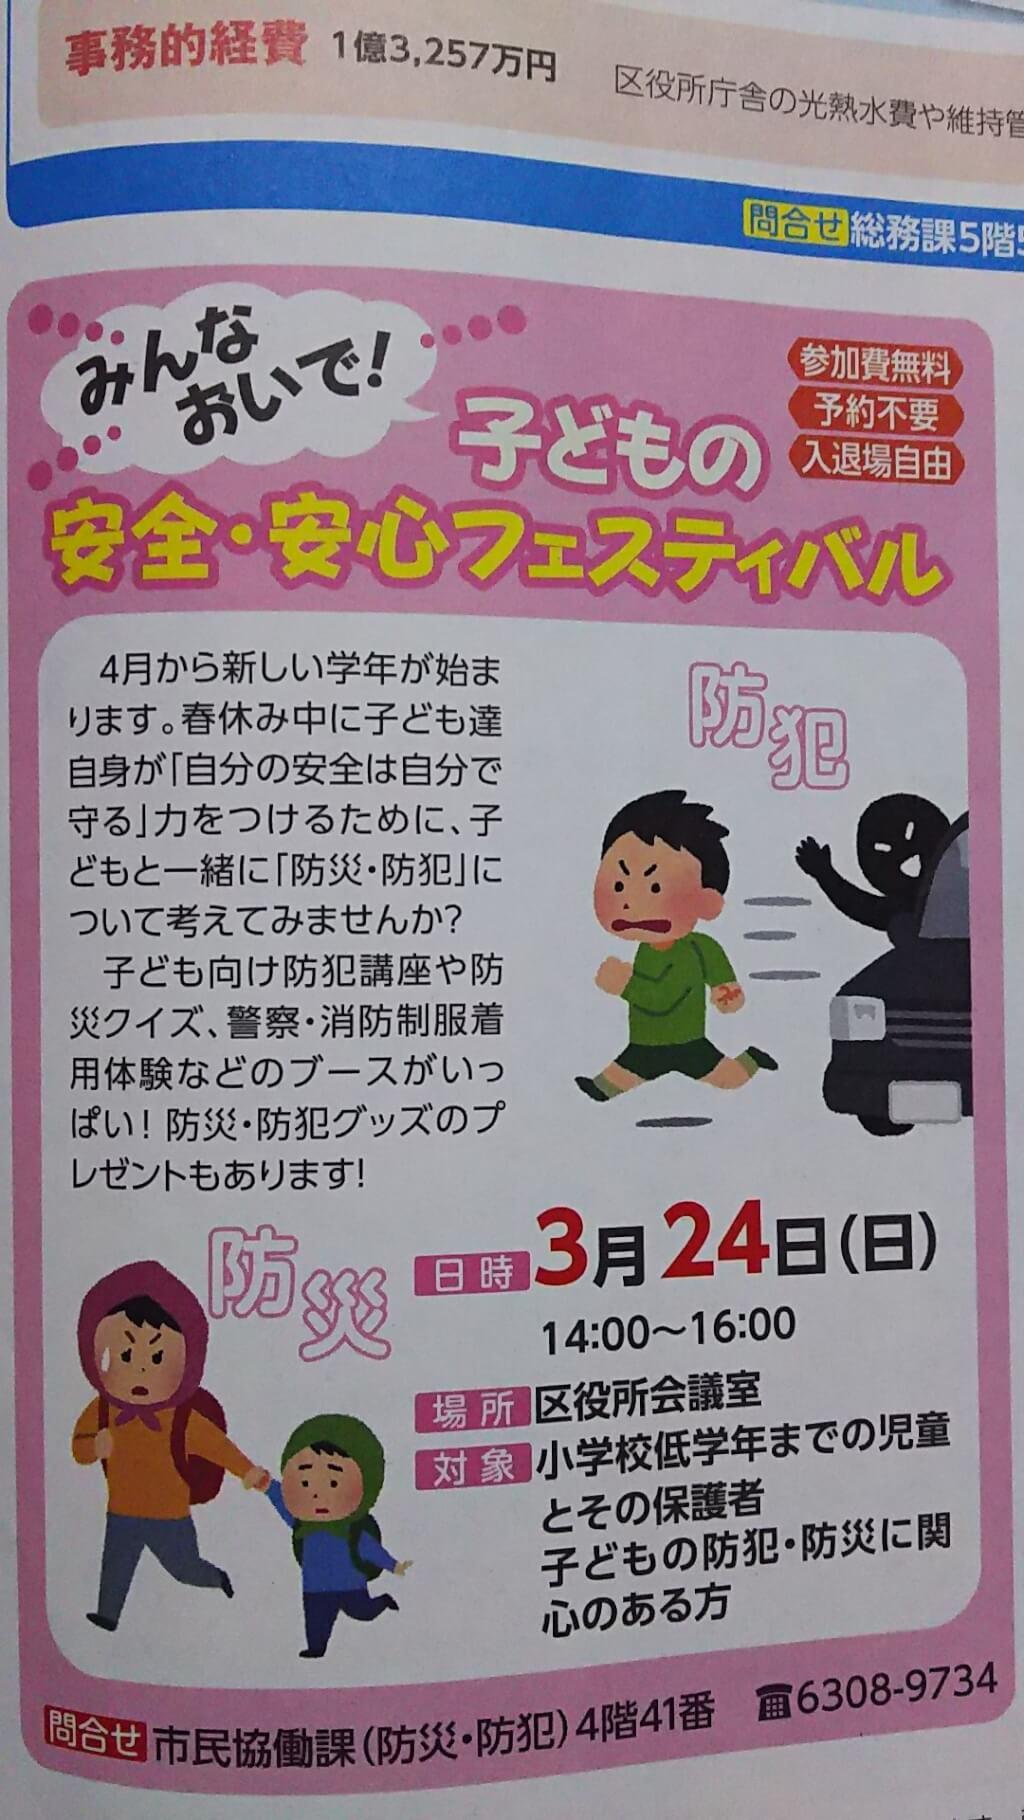 子どもの安全 安心 フェスティバルの お知らせ